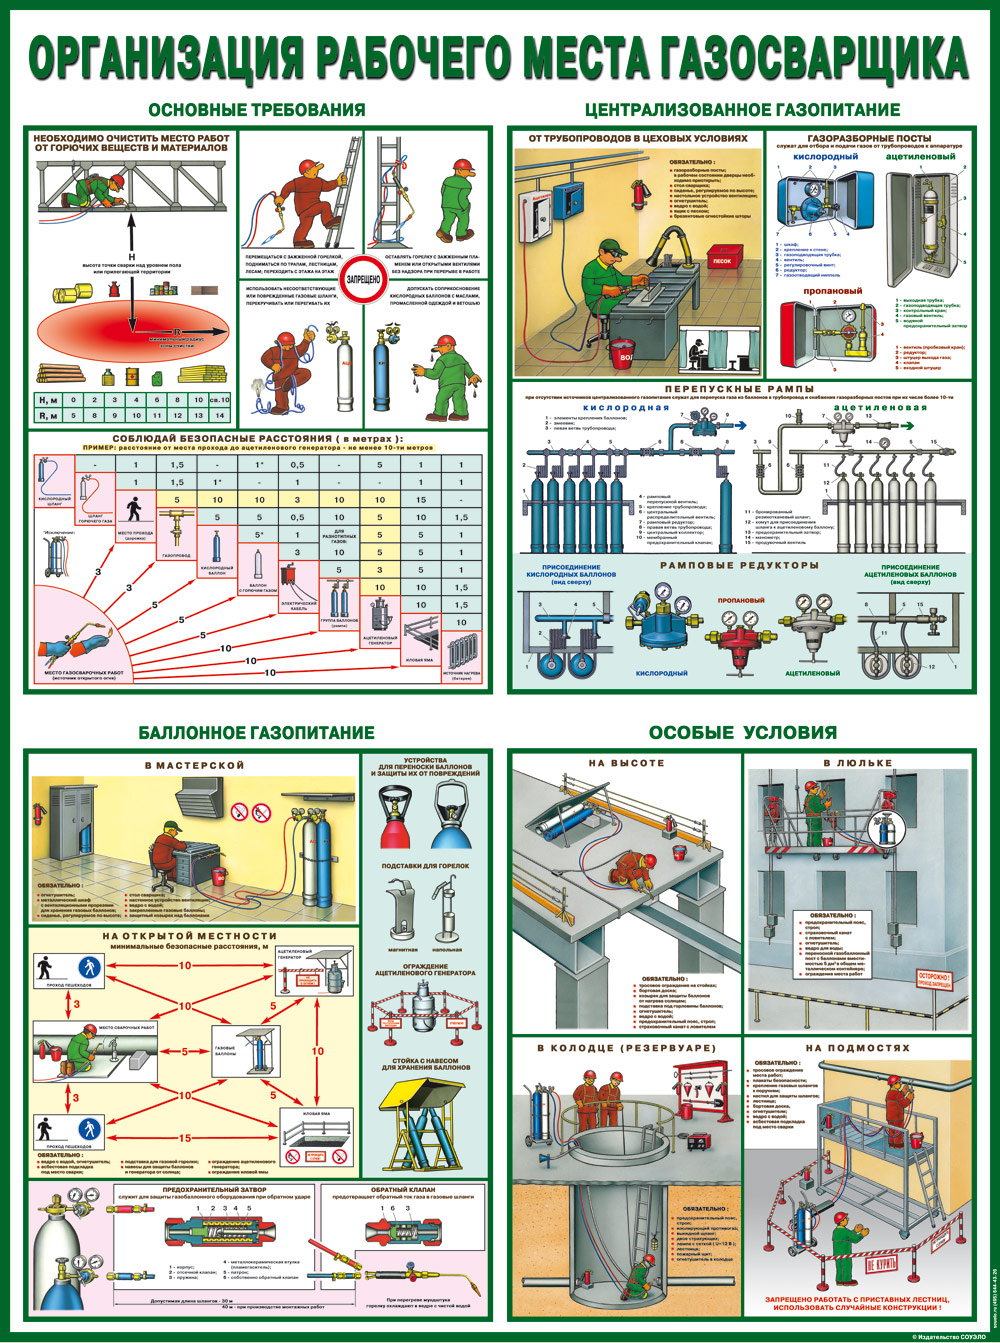 Организация рабочего места газосварщика  1000х750 мм или 1340х1000 мм